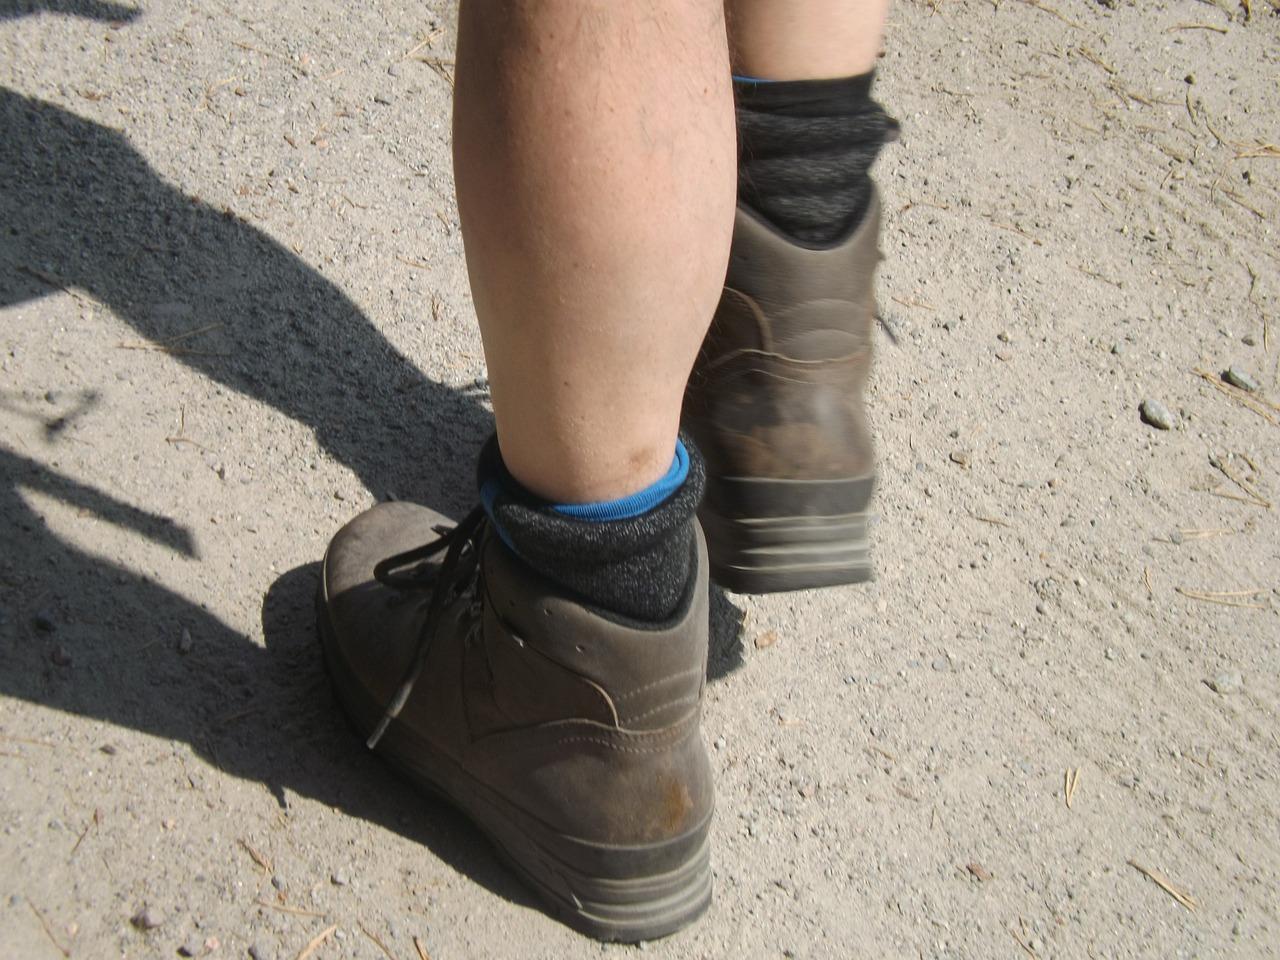 best kilimanjaro hiking boots for climb: Best Kilimanjaro footwear